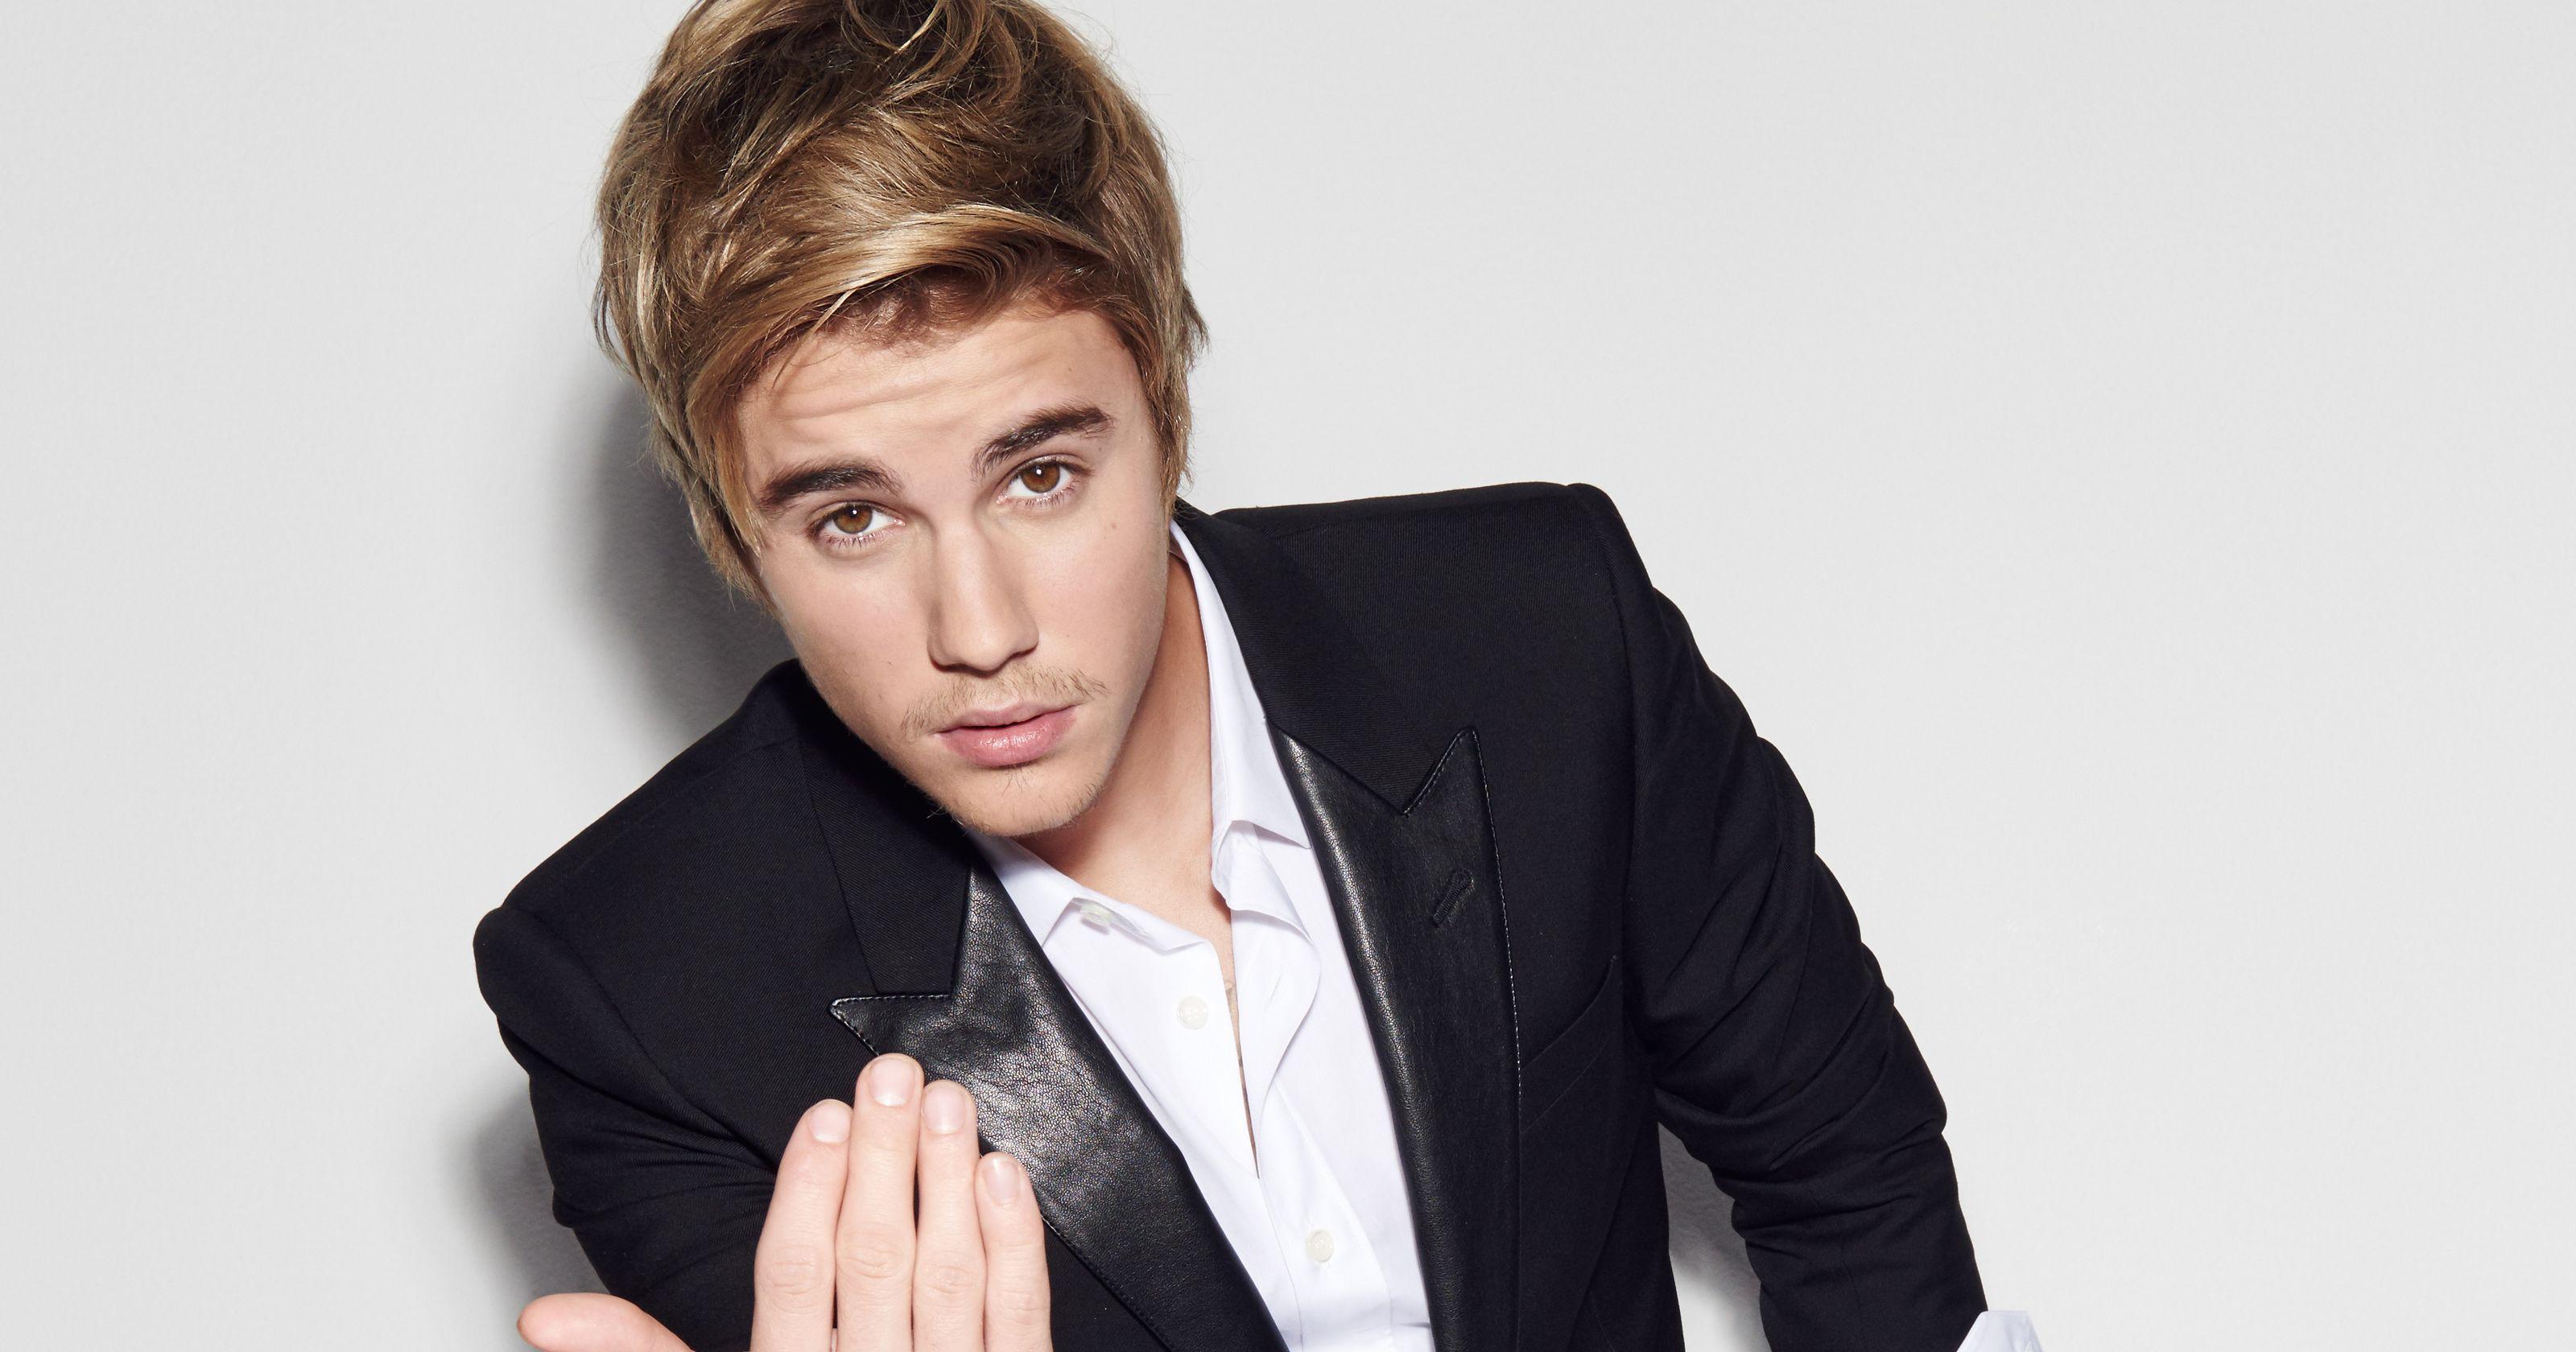 635632351551677847-XXX-Justin-Bieber-Roast-1089-dcb